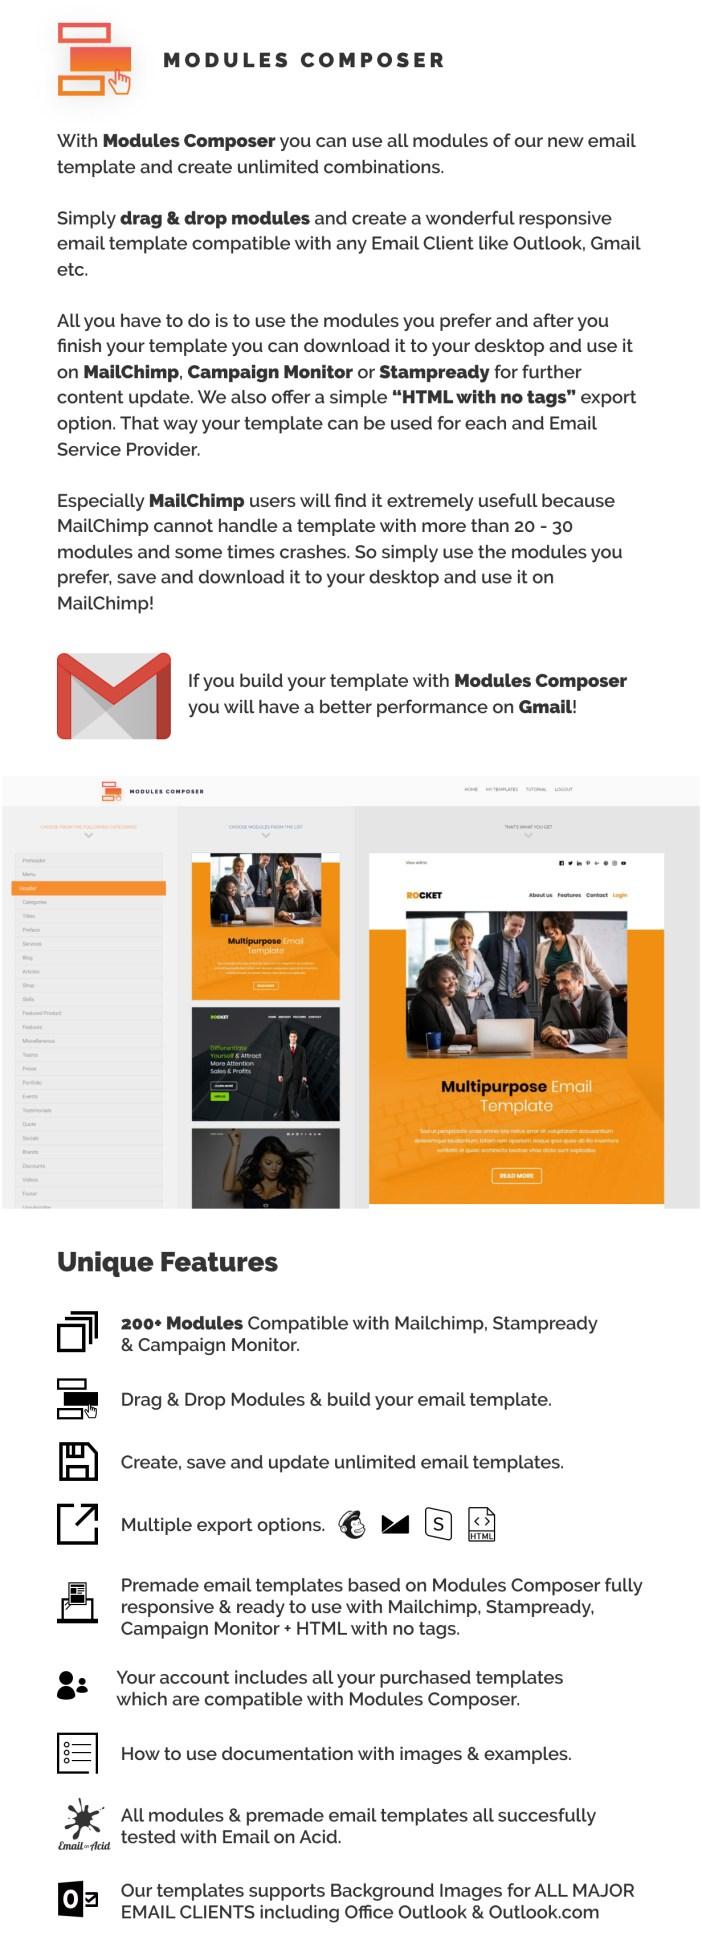 modulos-compositor